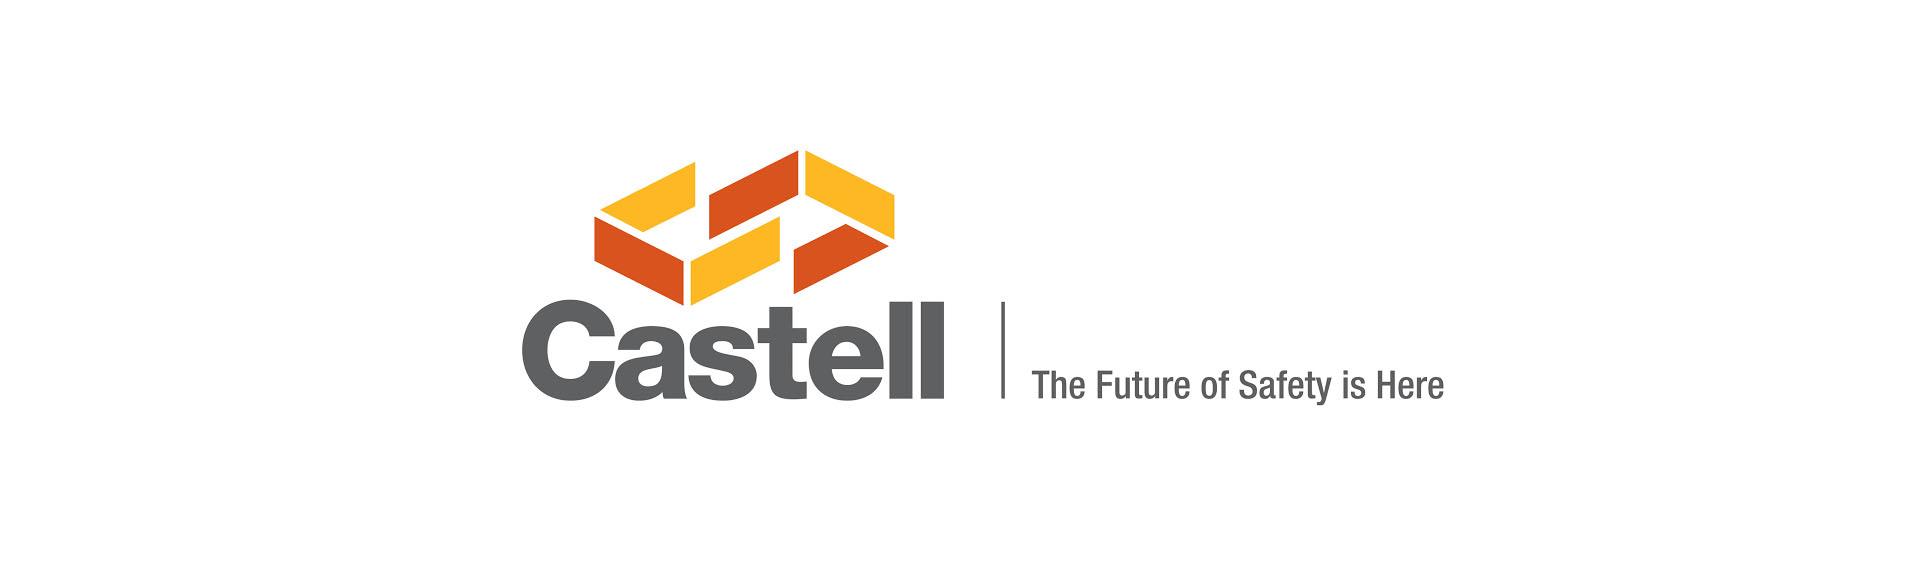 Castell banner1